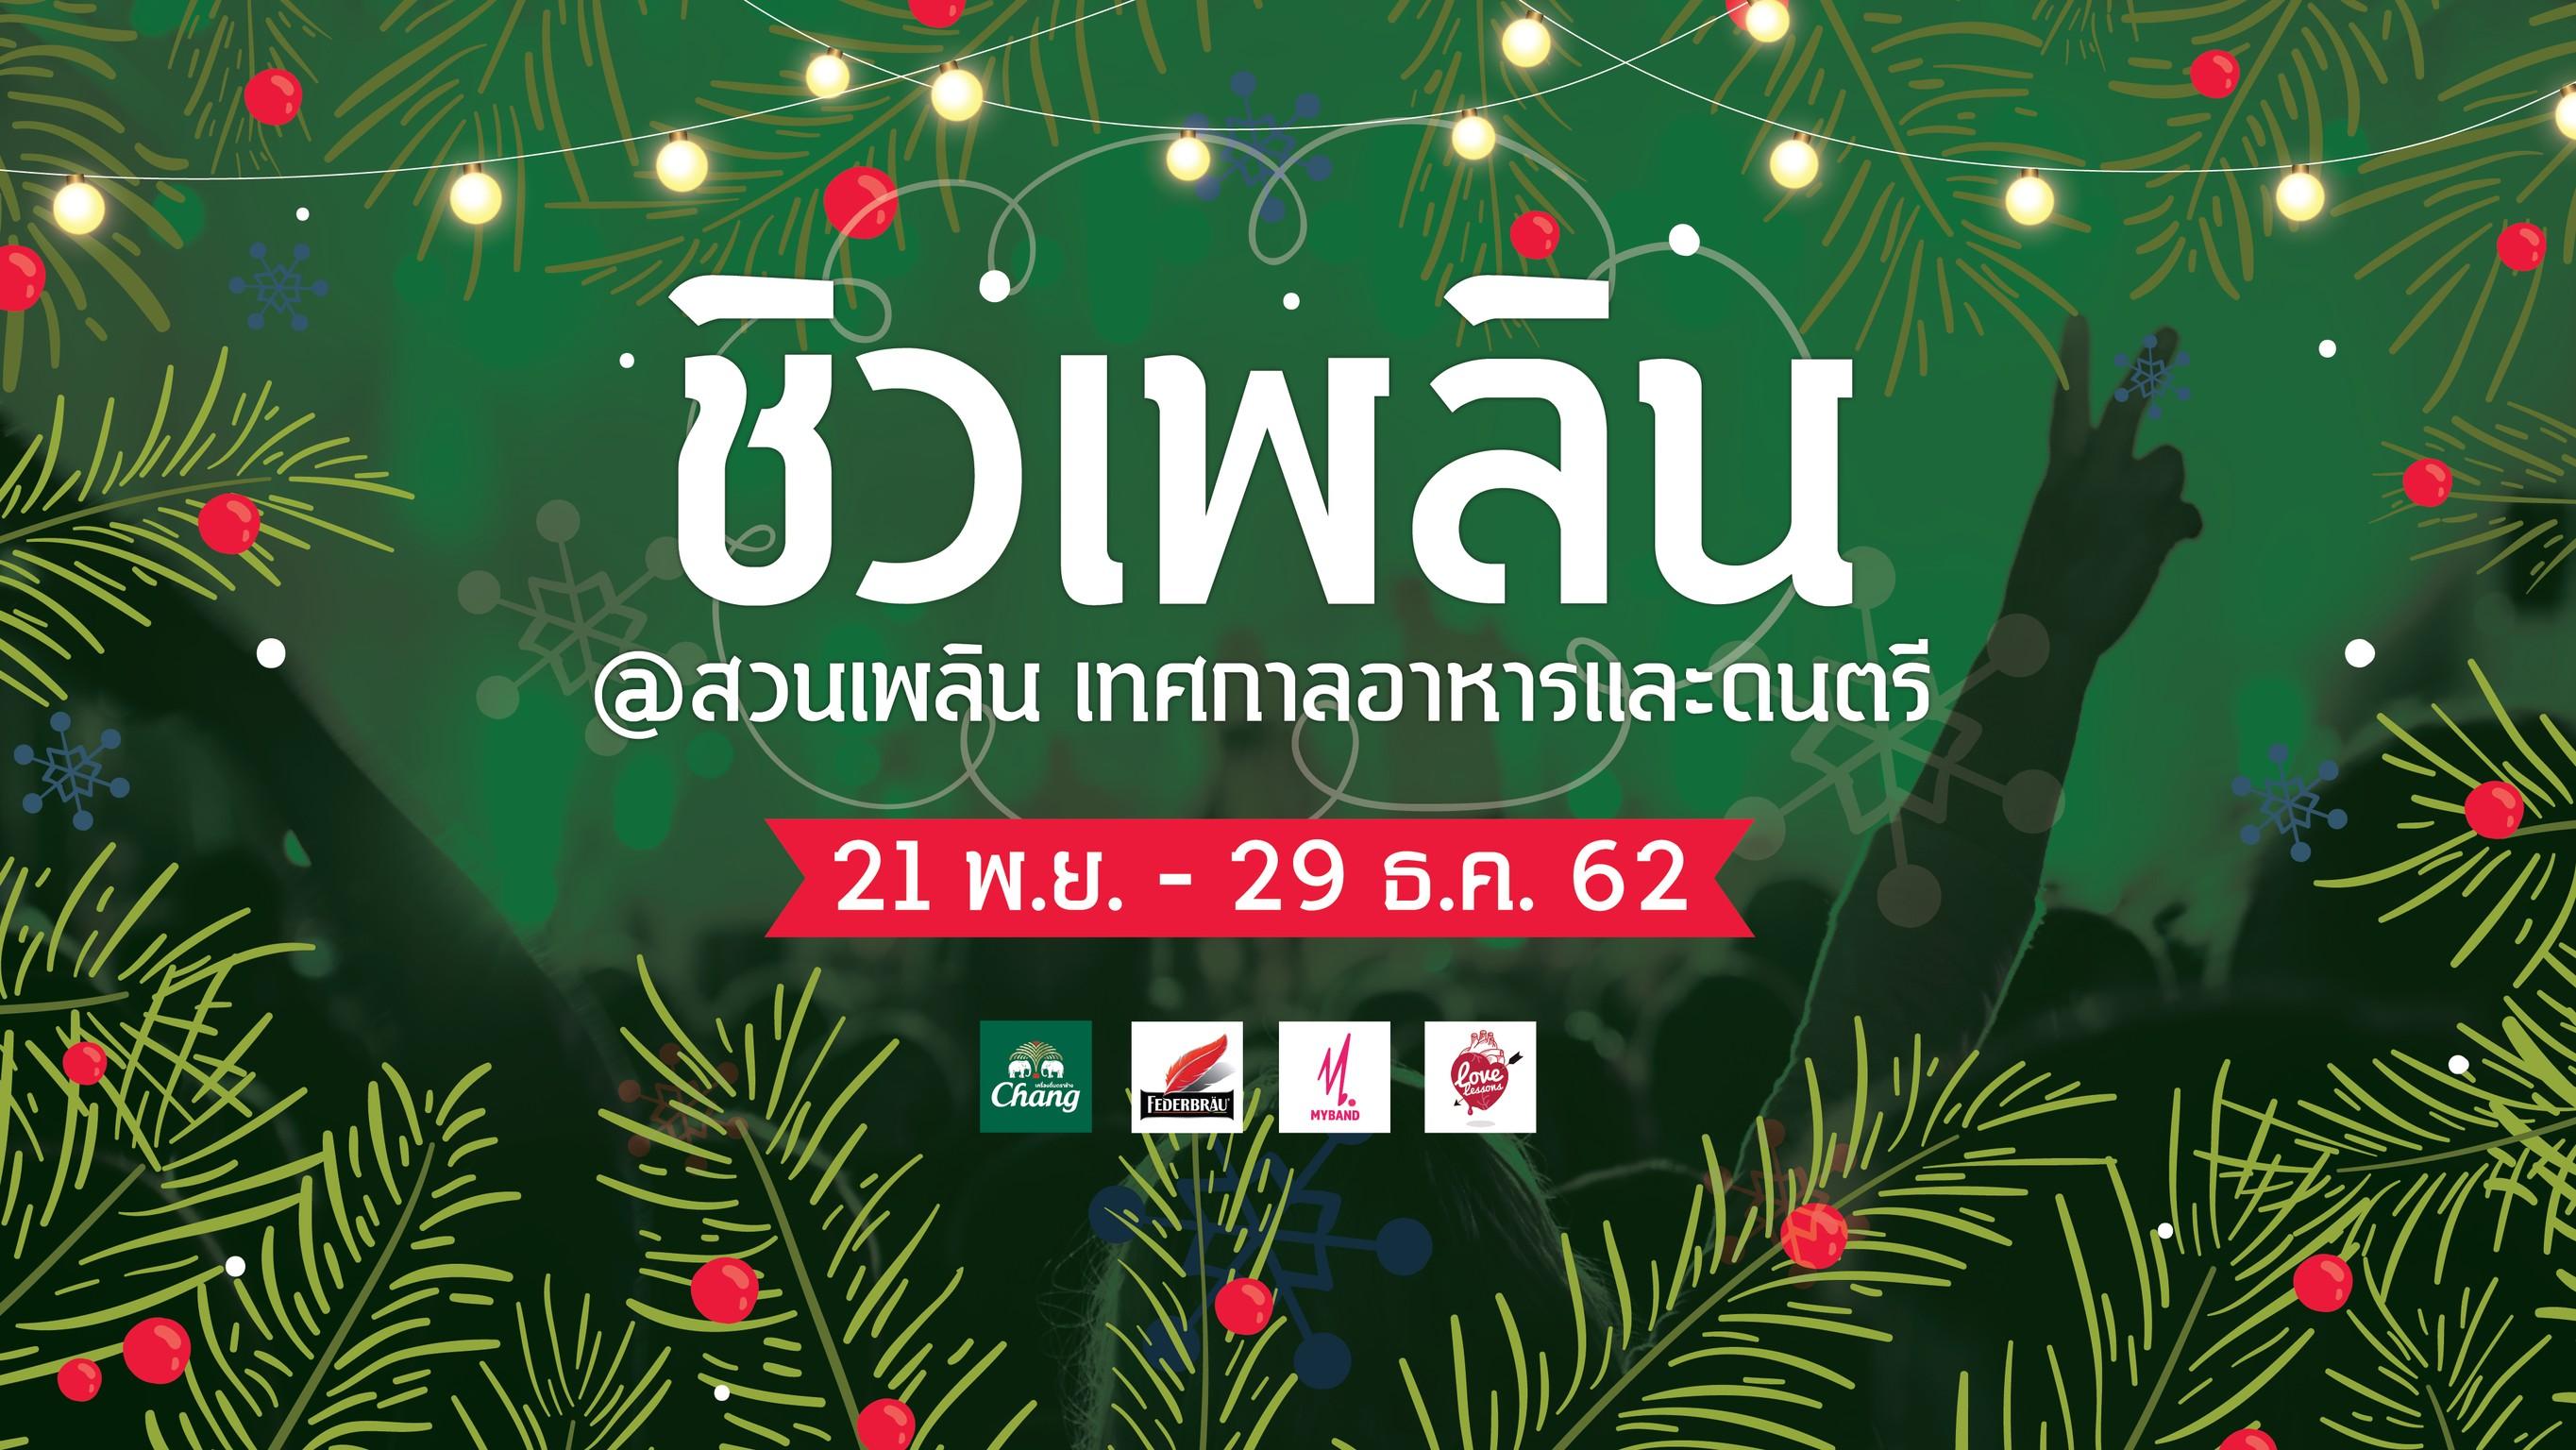 ชิวเพลิน at สวนเพลิน เทศกาลอาหารและดนตรี organized by MYBAND